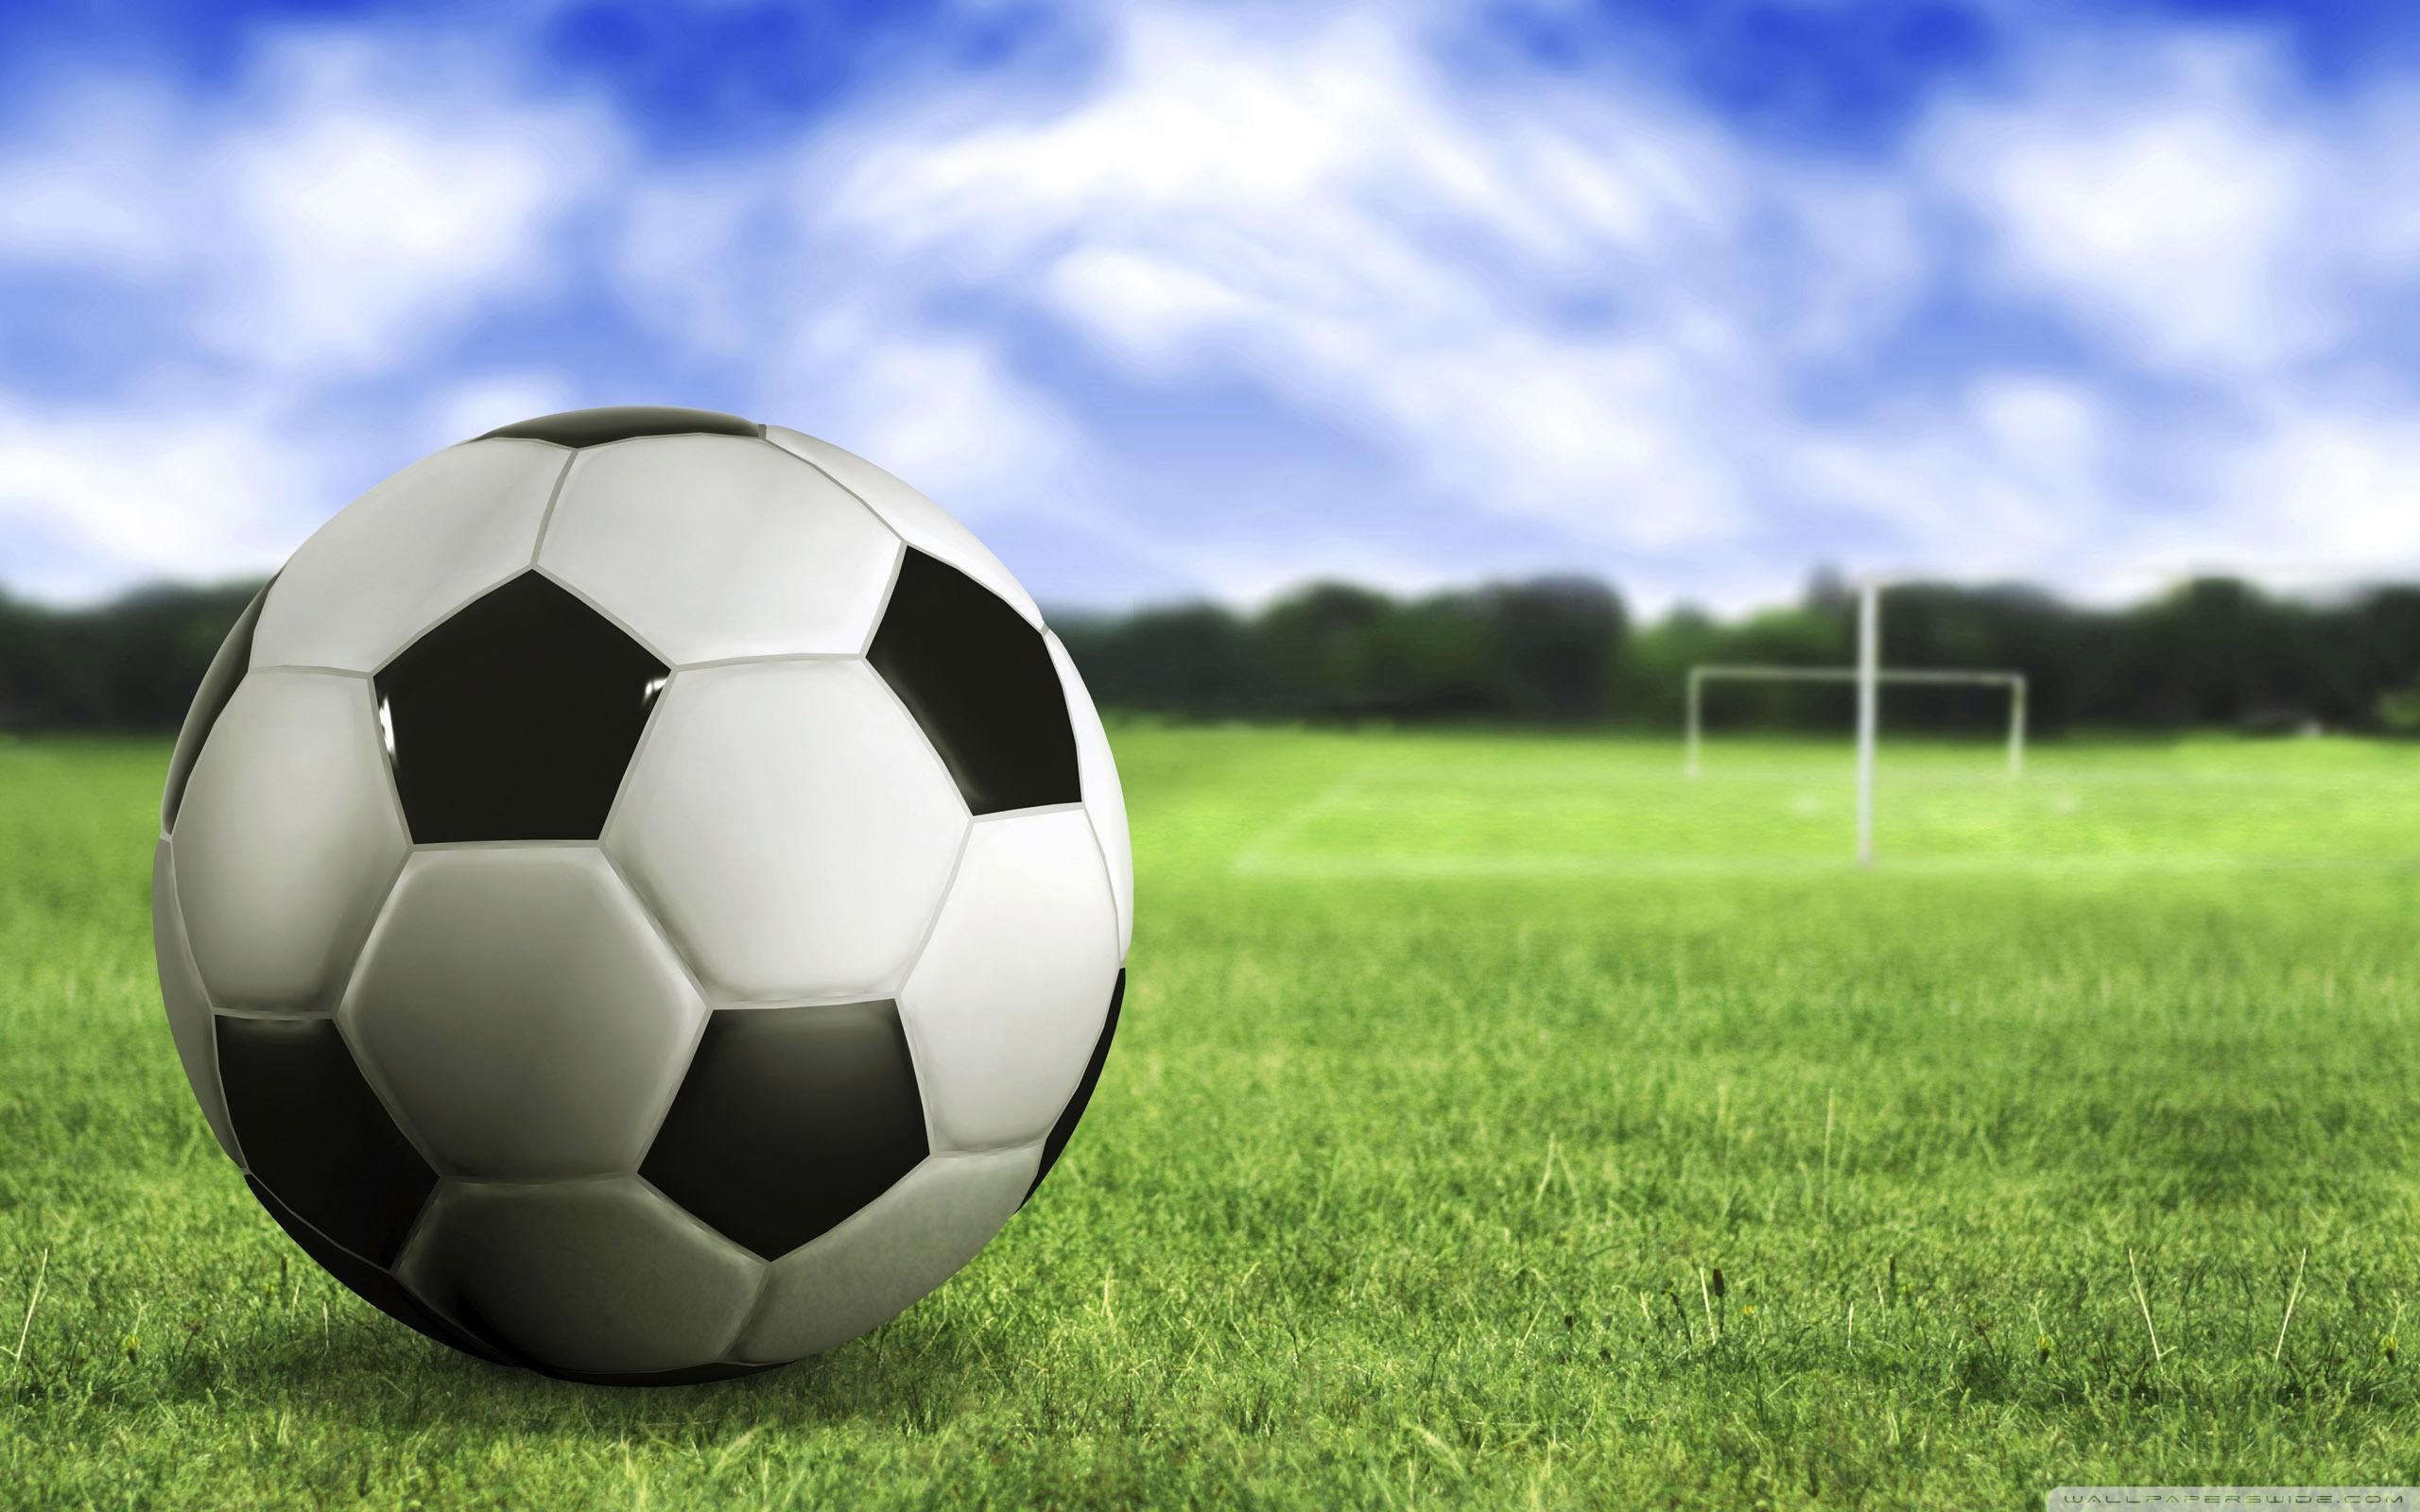 Green grass, Blue sky, Soccer ball, Soccer field ...